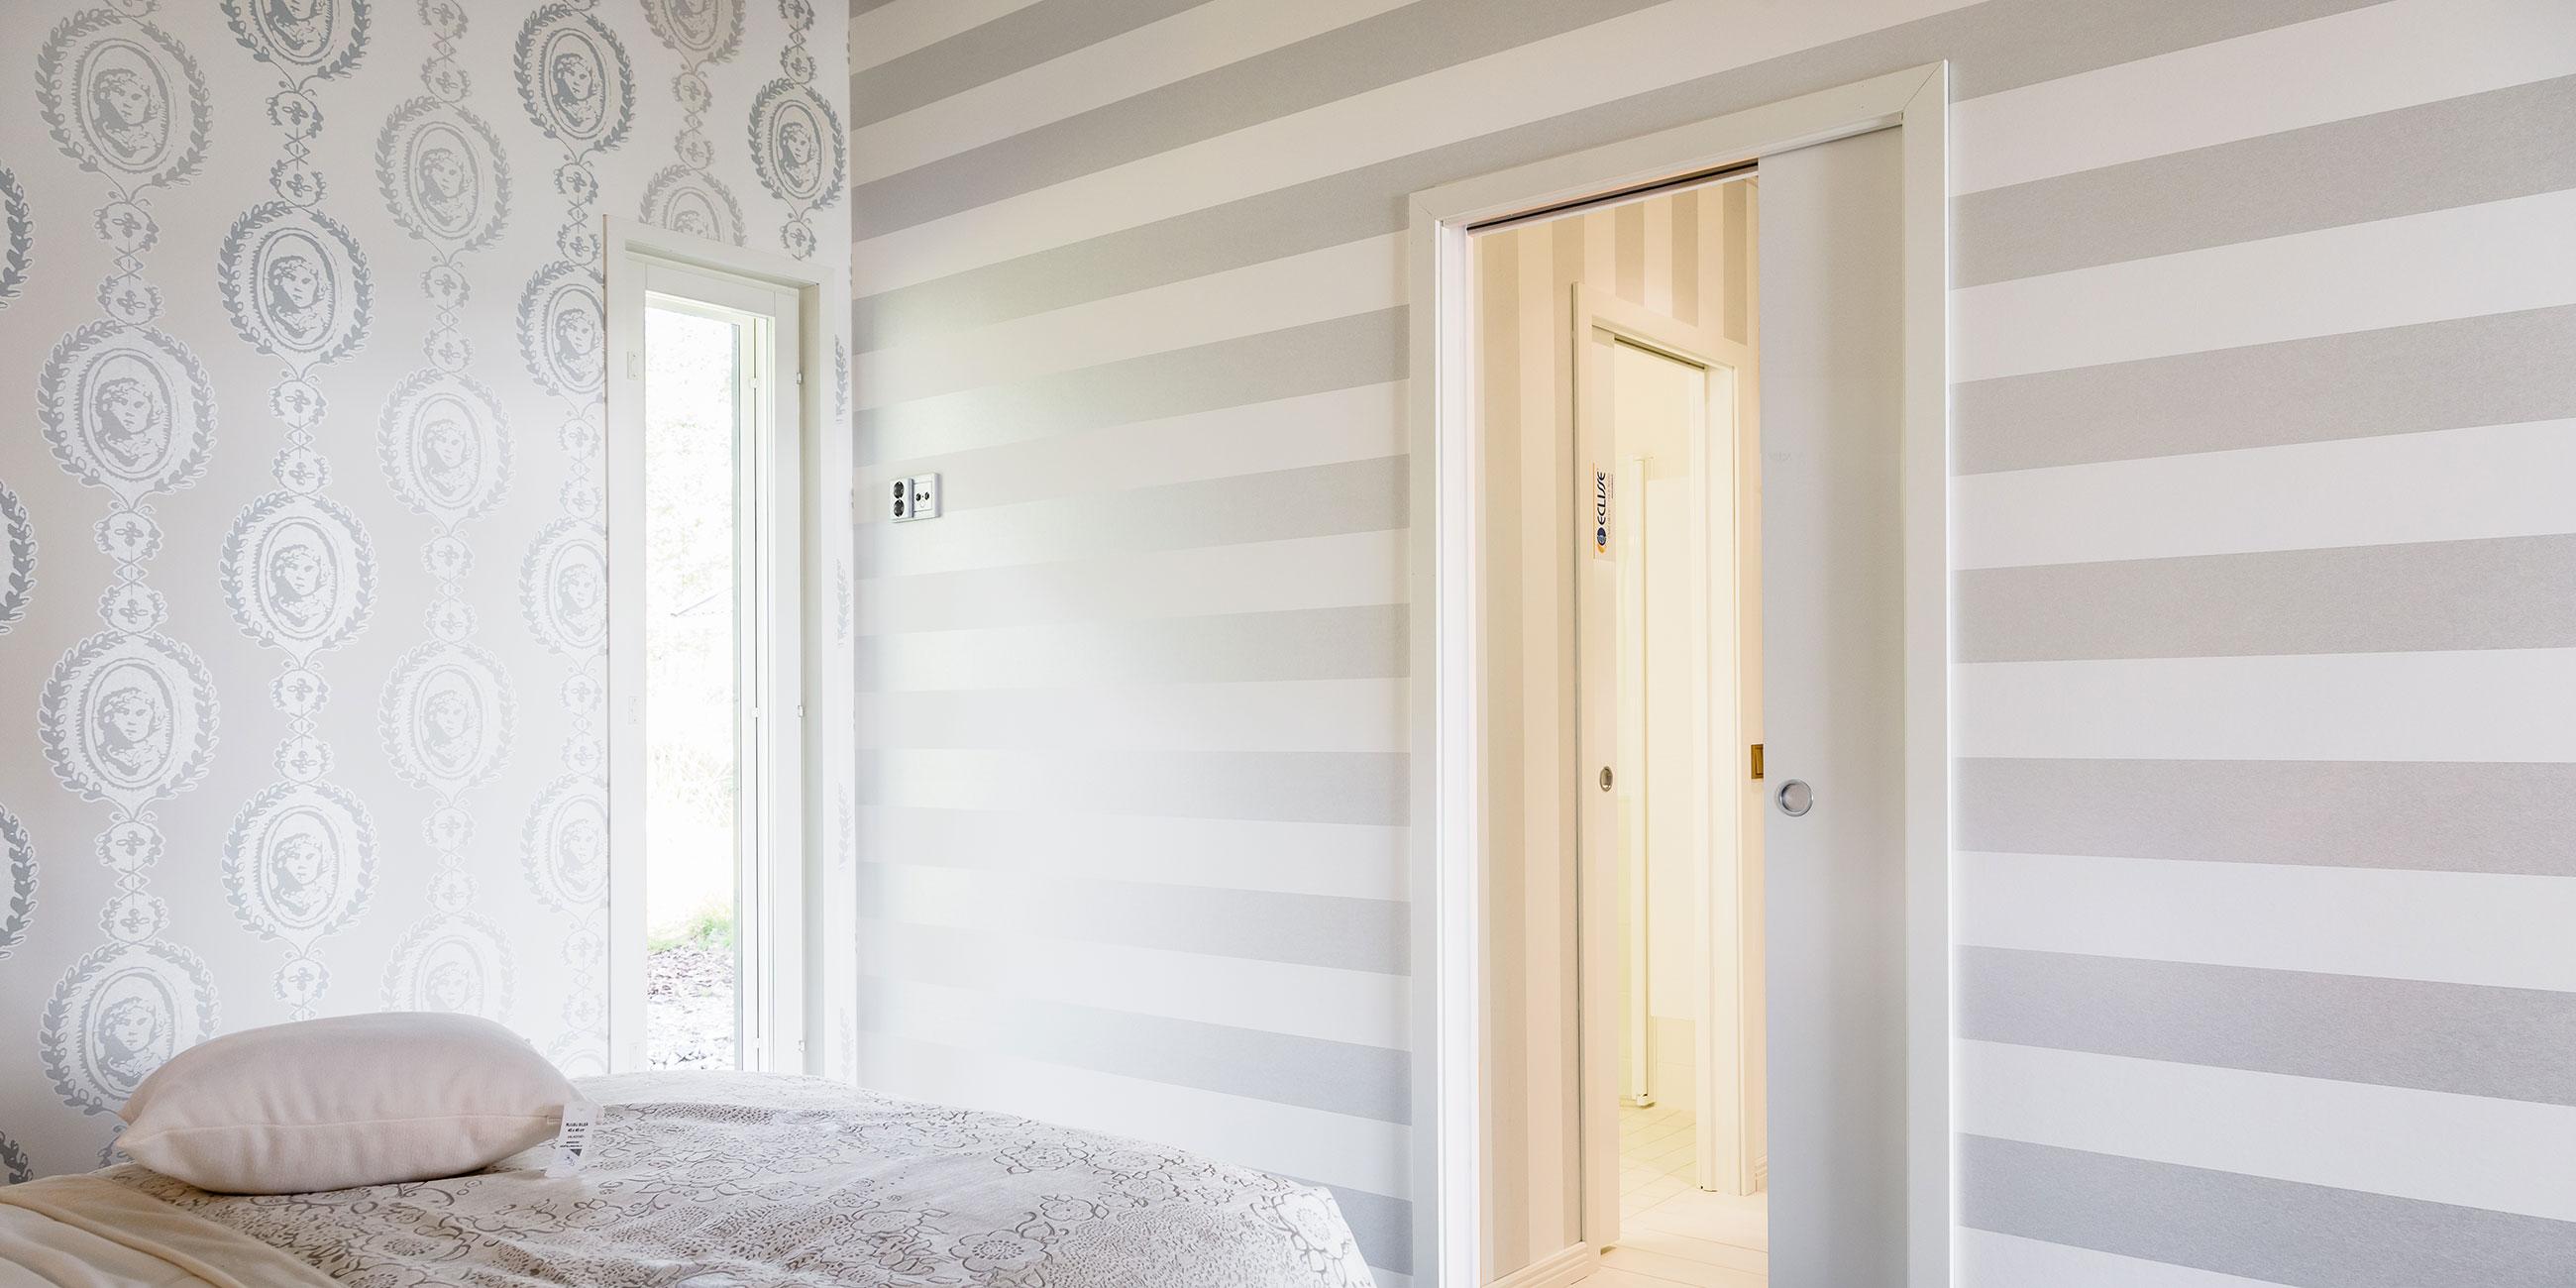 Le porte scorrevoli dalle origini all 39 invenzione del - Spazzole per porte scorrevoli ...